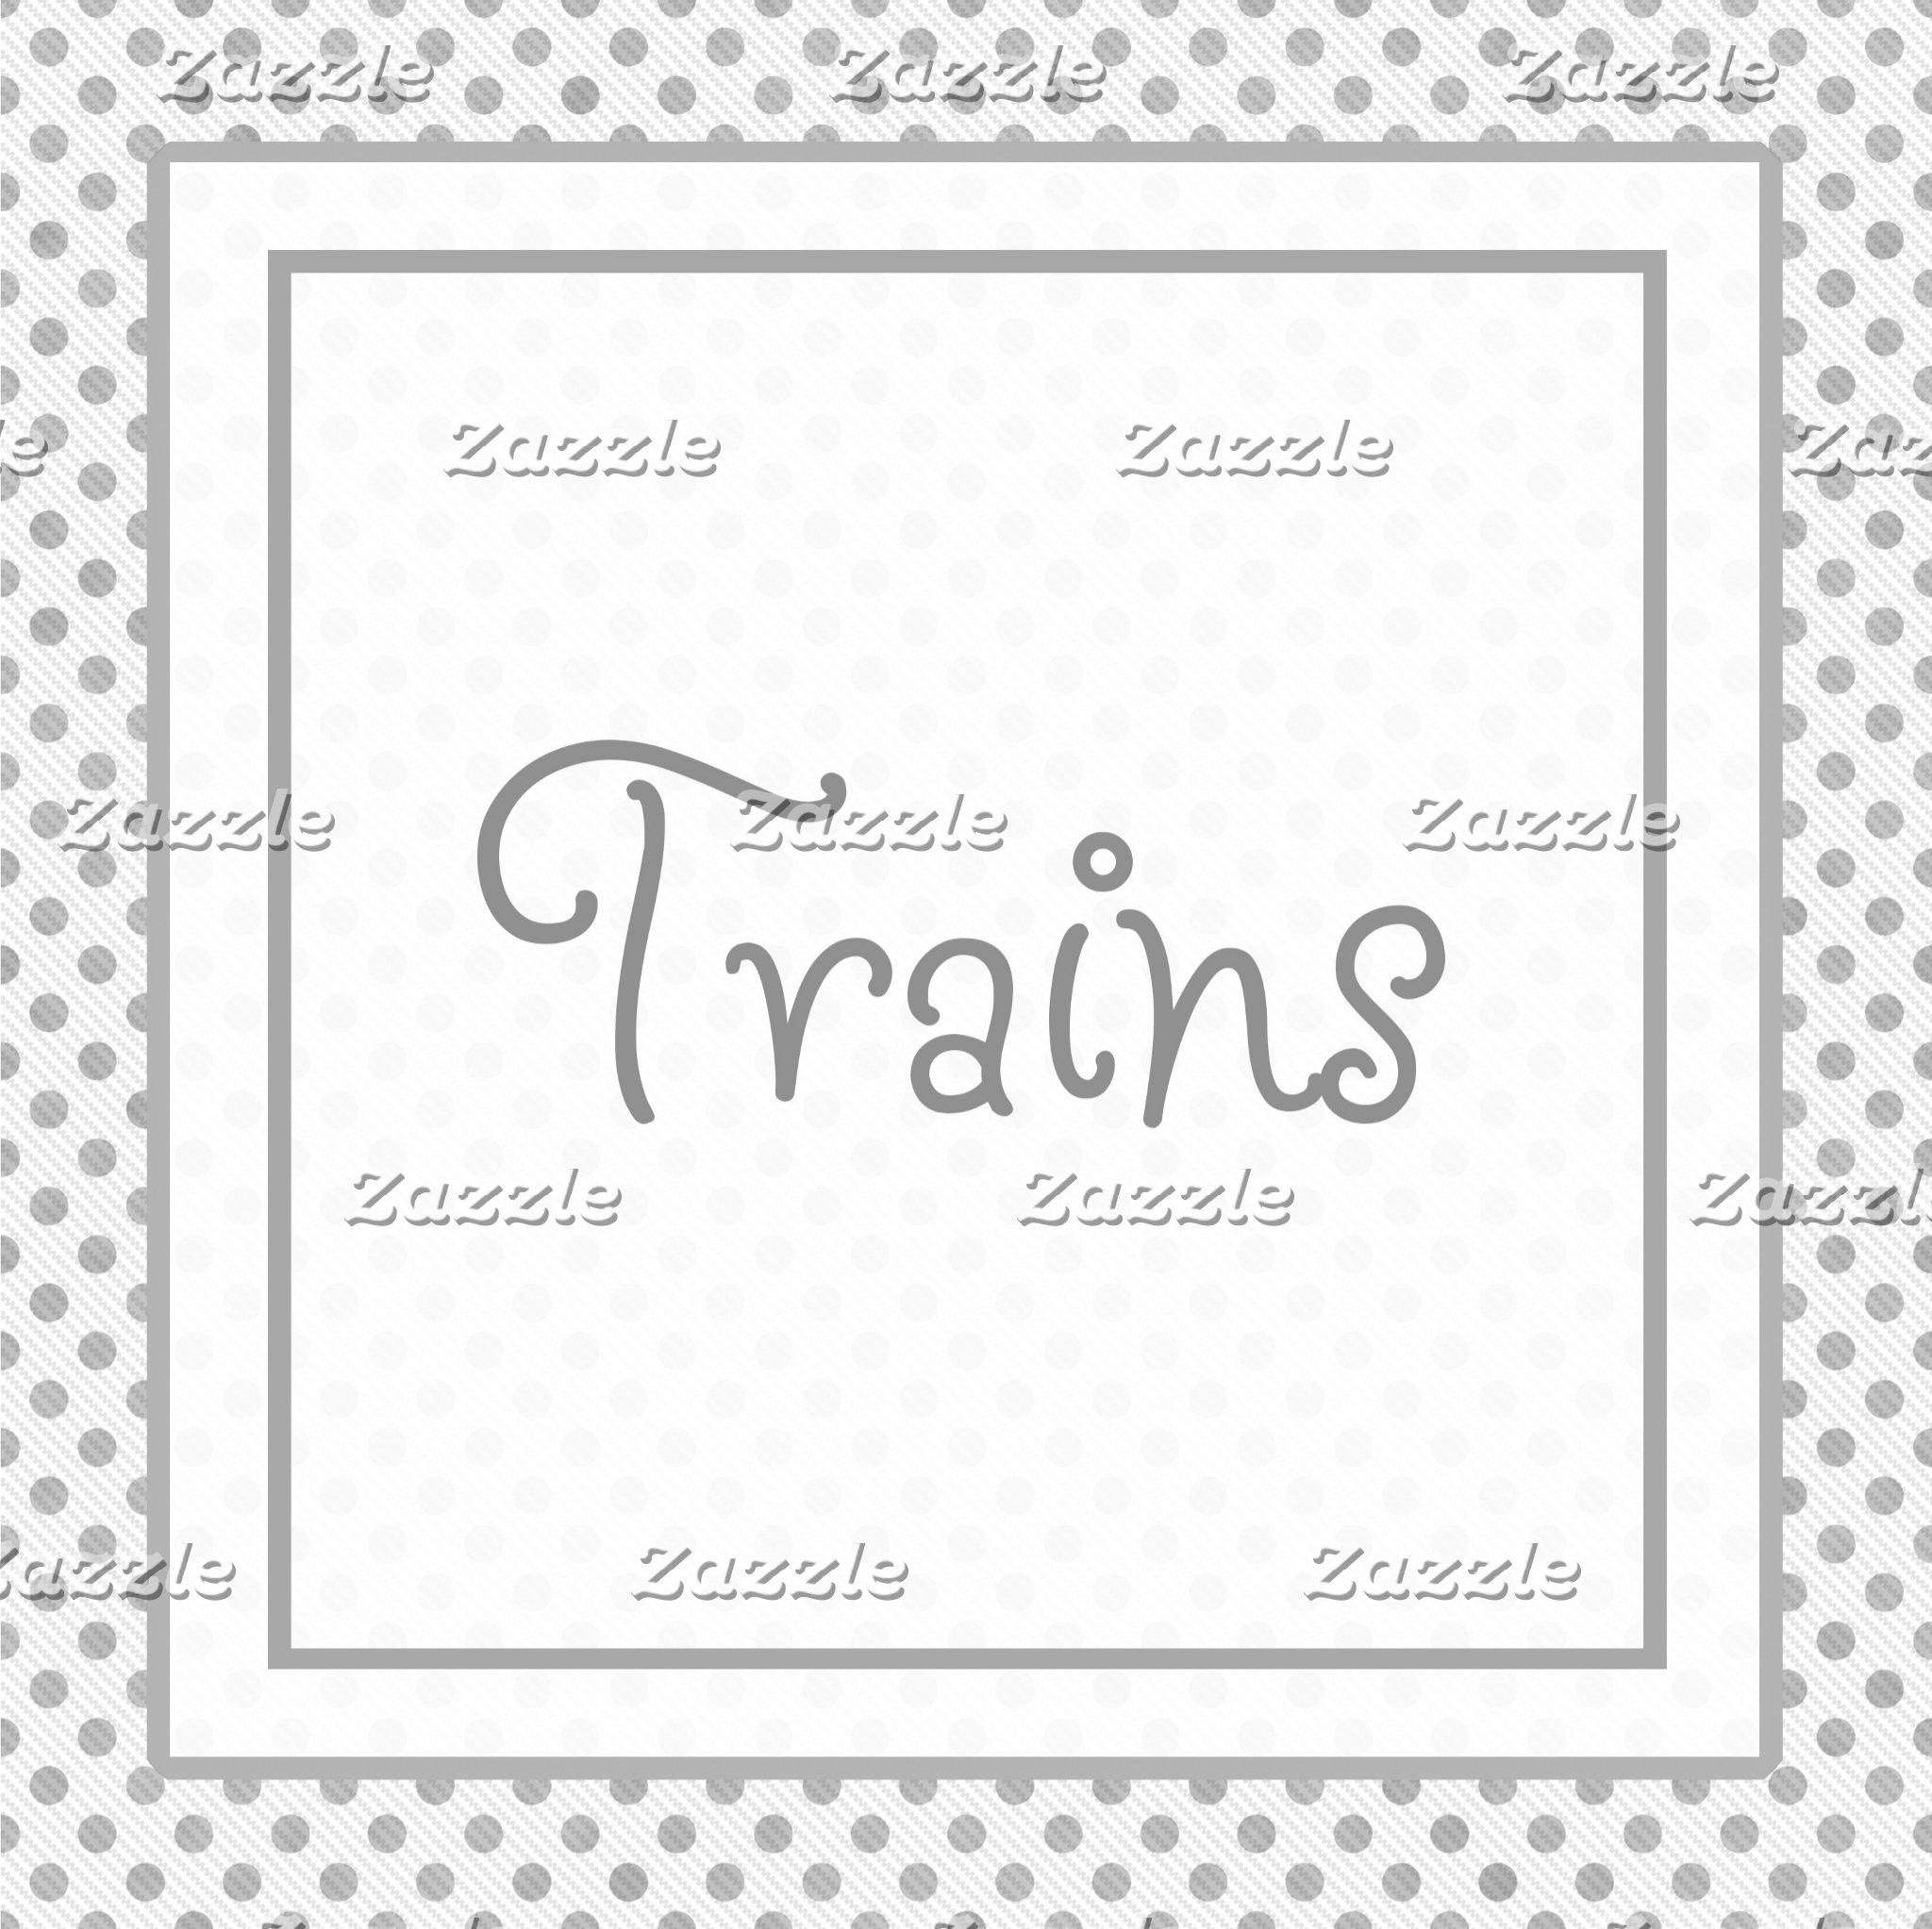 Choo-Choo Trains